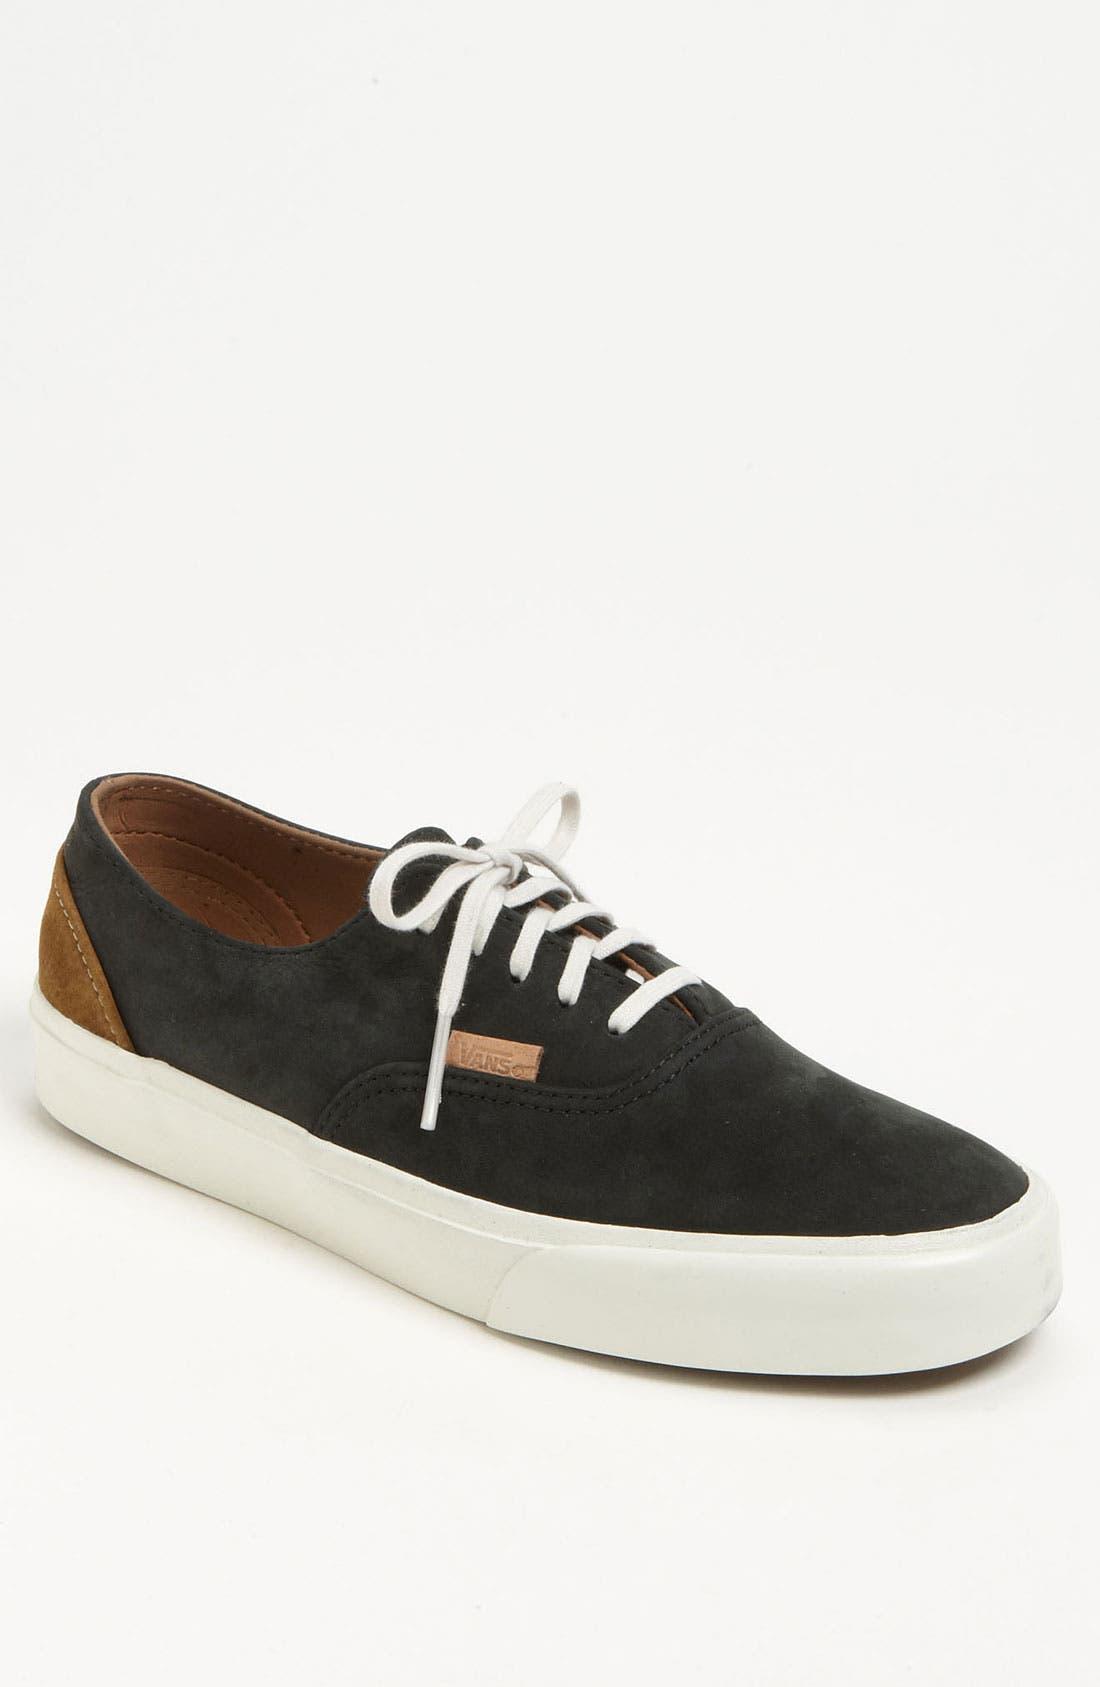 Alternate Image 1 Selected - Vans 'Cali - Era Decon' Sneaker (Men)